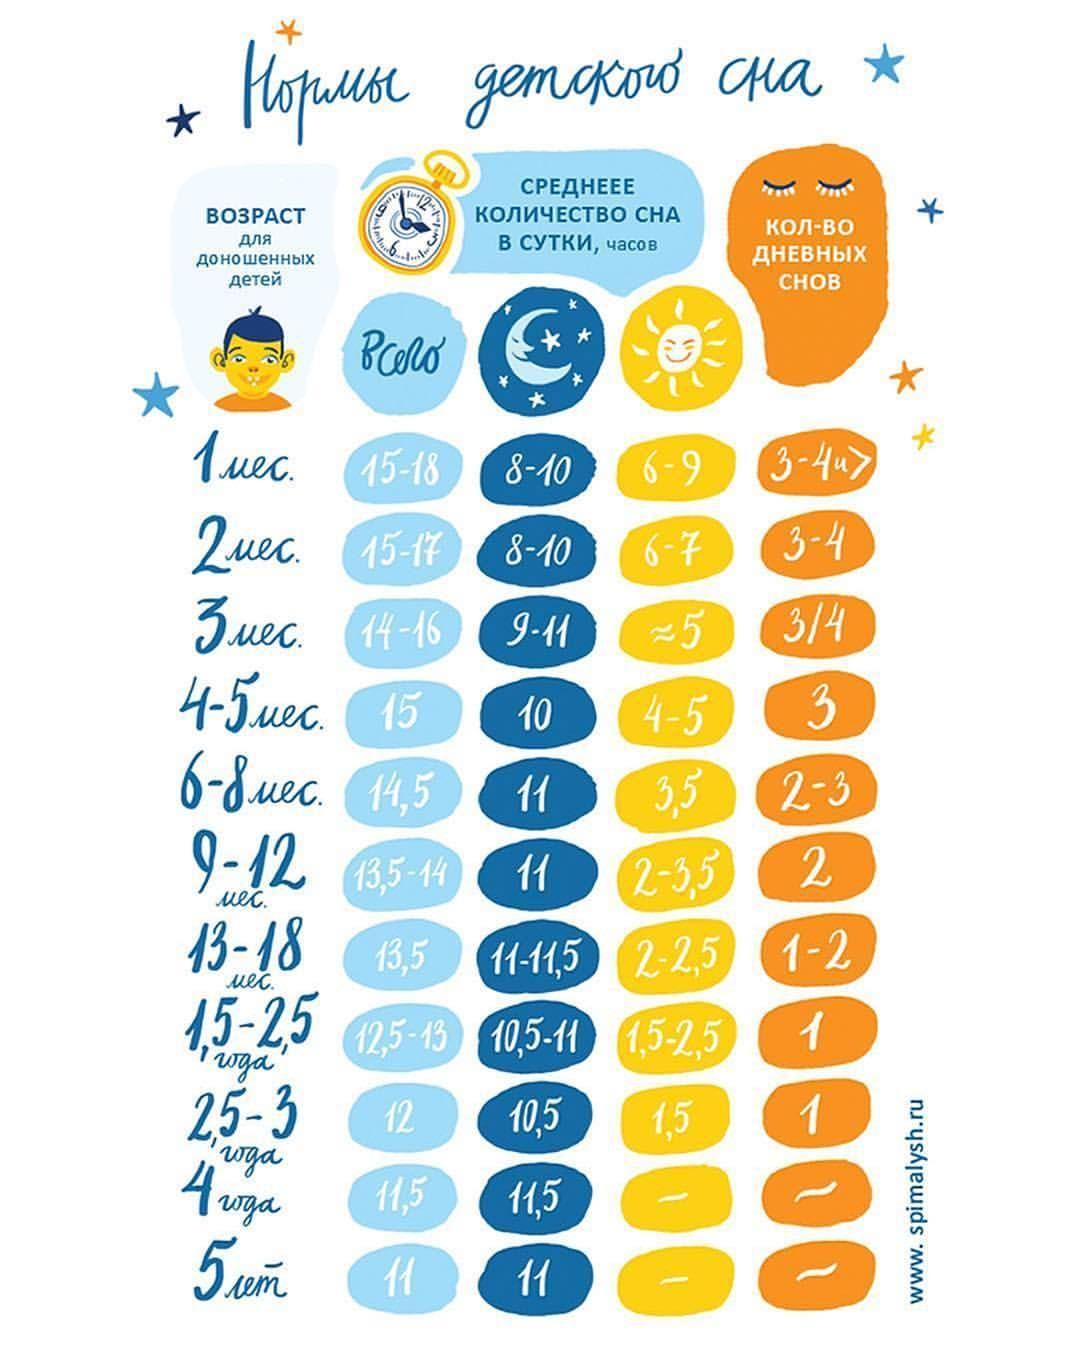 Нормы сна и бодрствования для детей: таблица